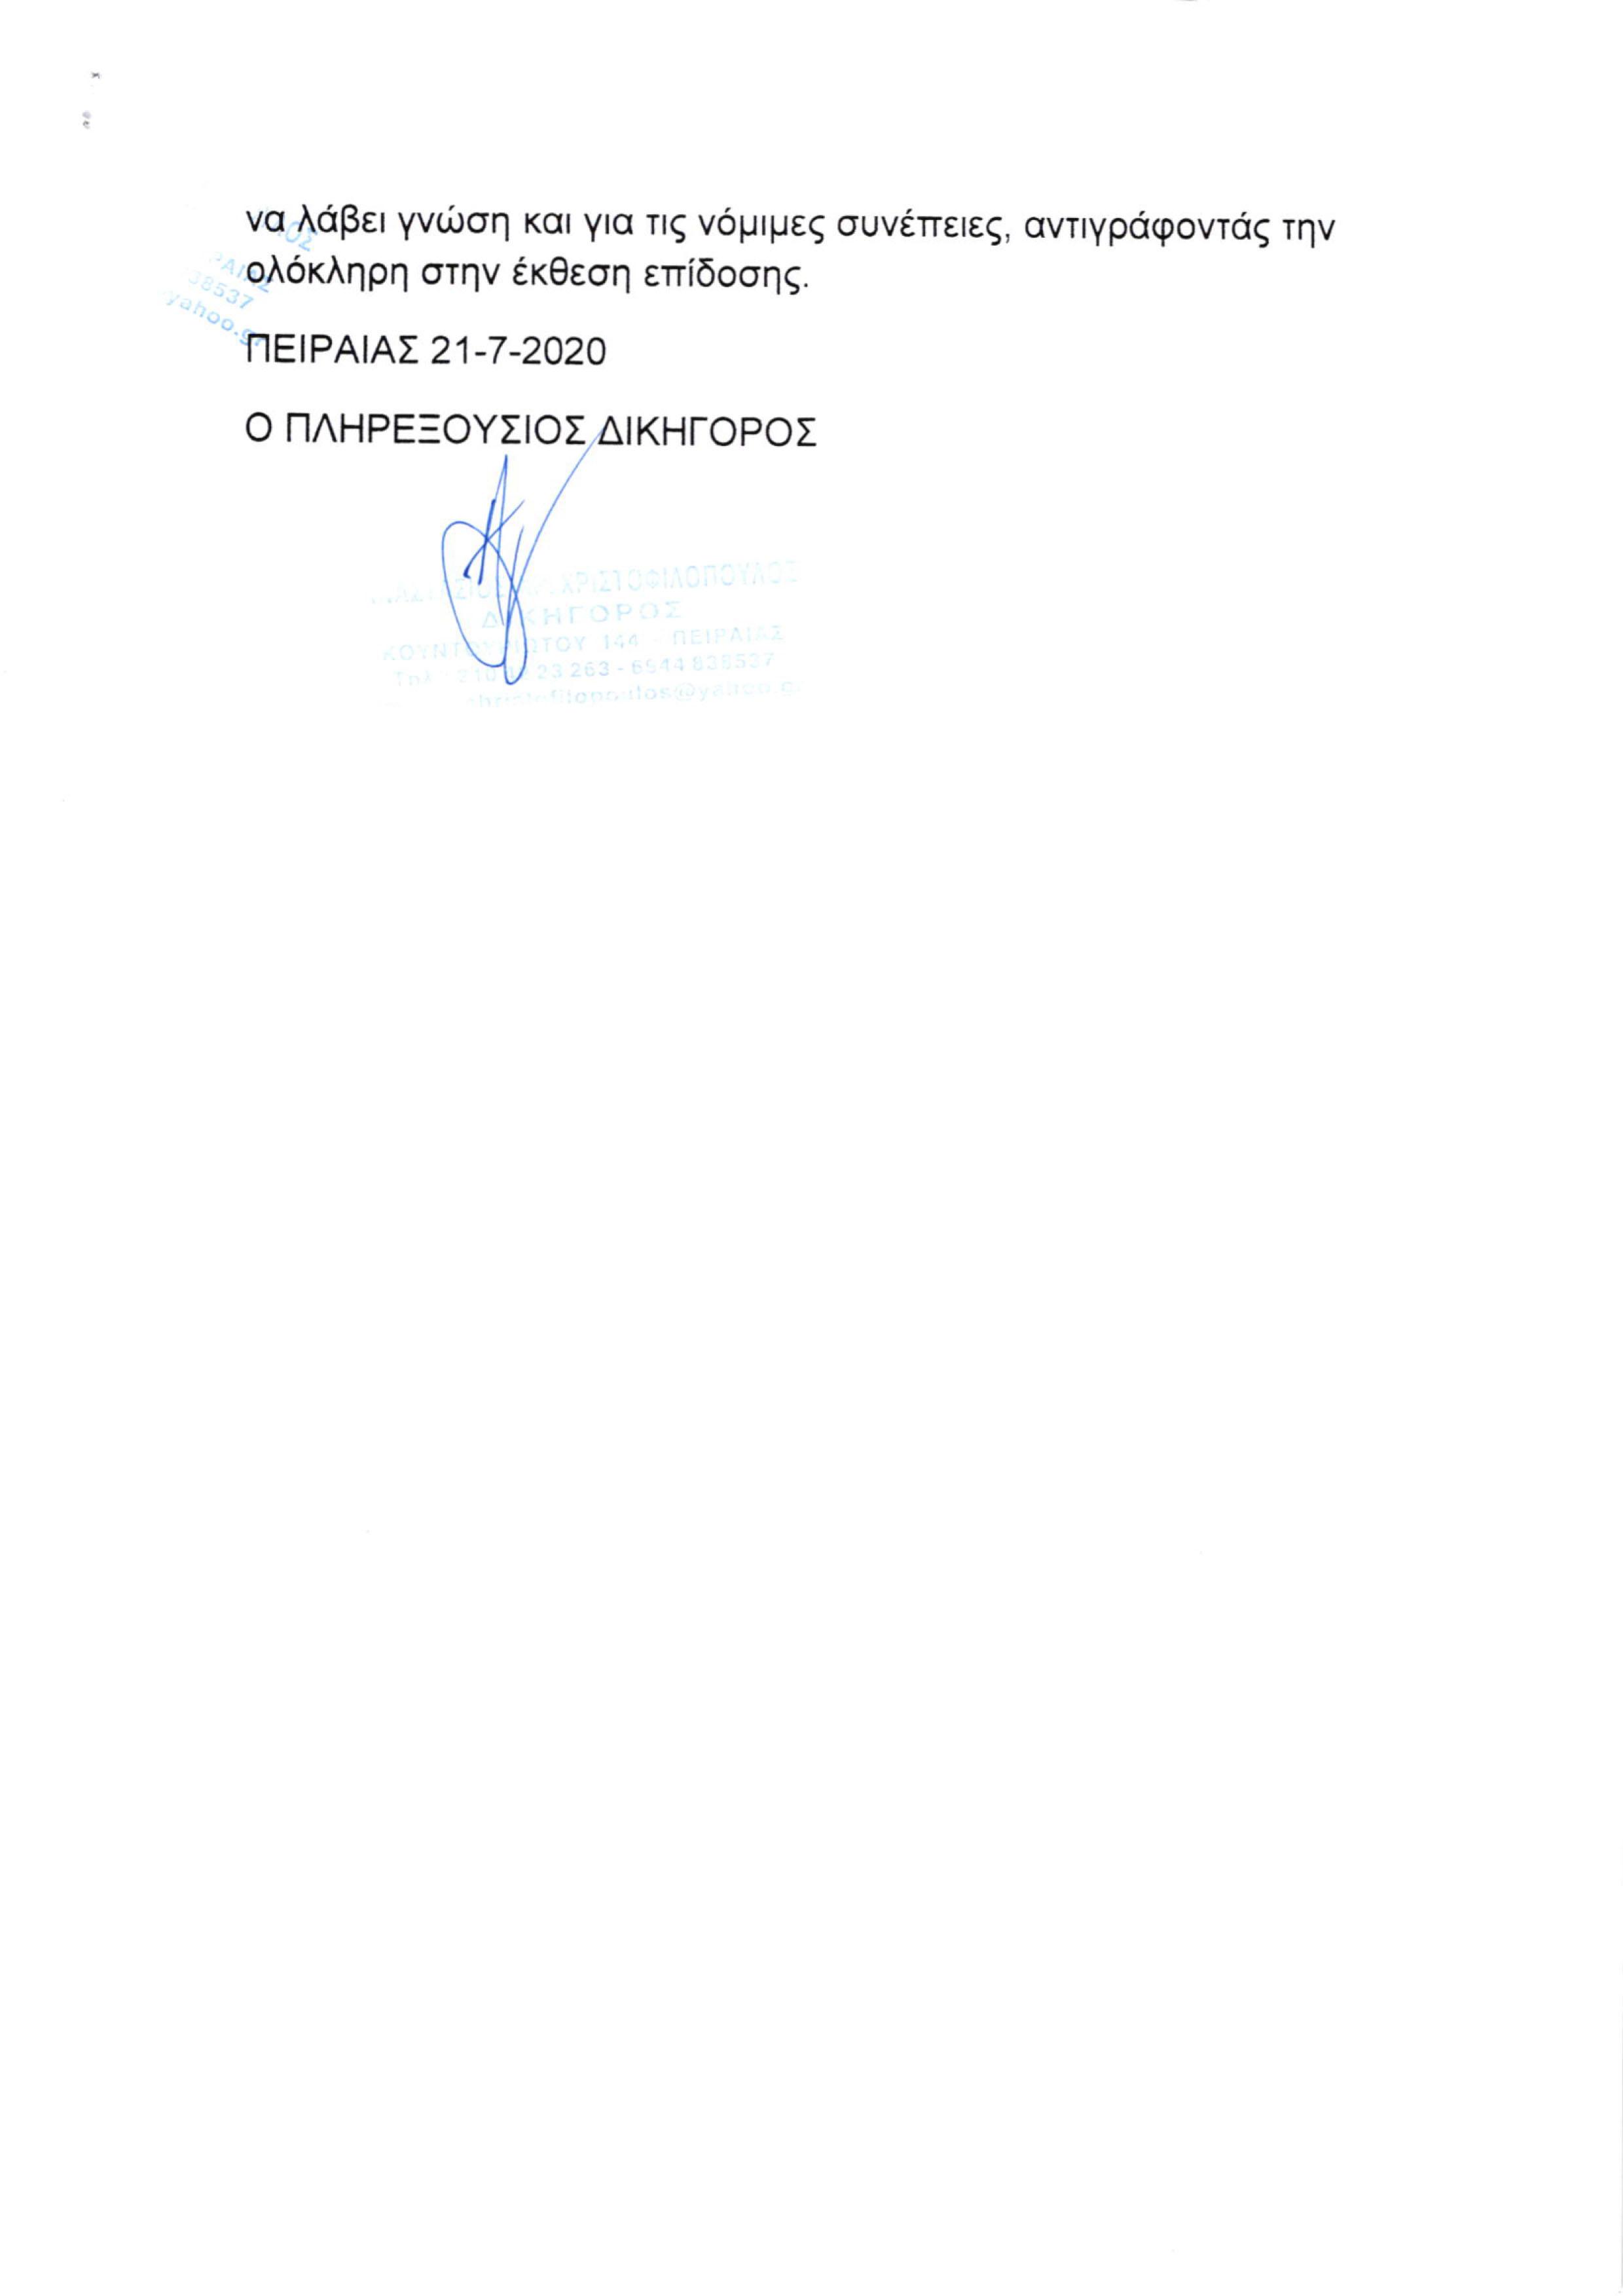 exodiko-kapelioy-kata-matthaiopoyloy-oydepote-parempodisa-tin-katasvesi-pyrkagion5